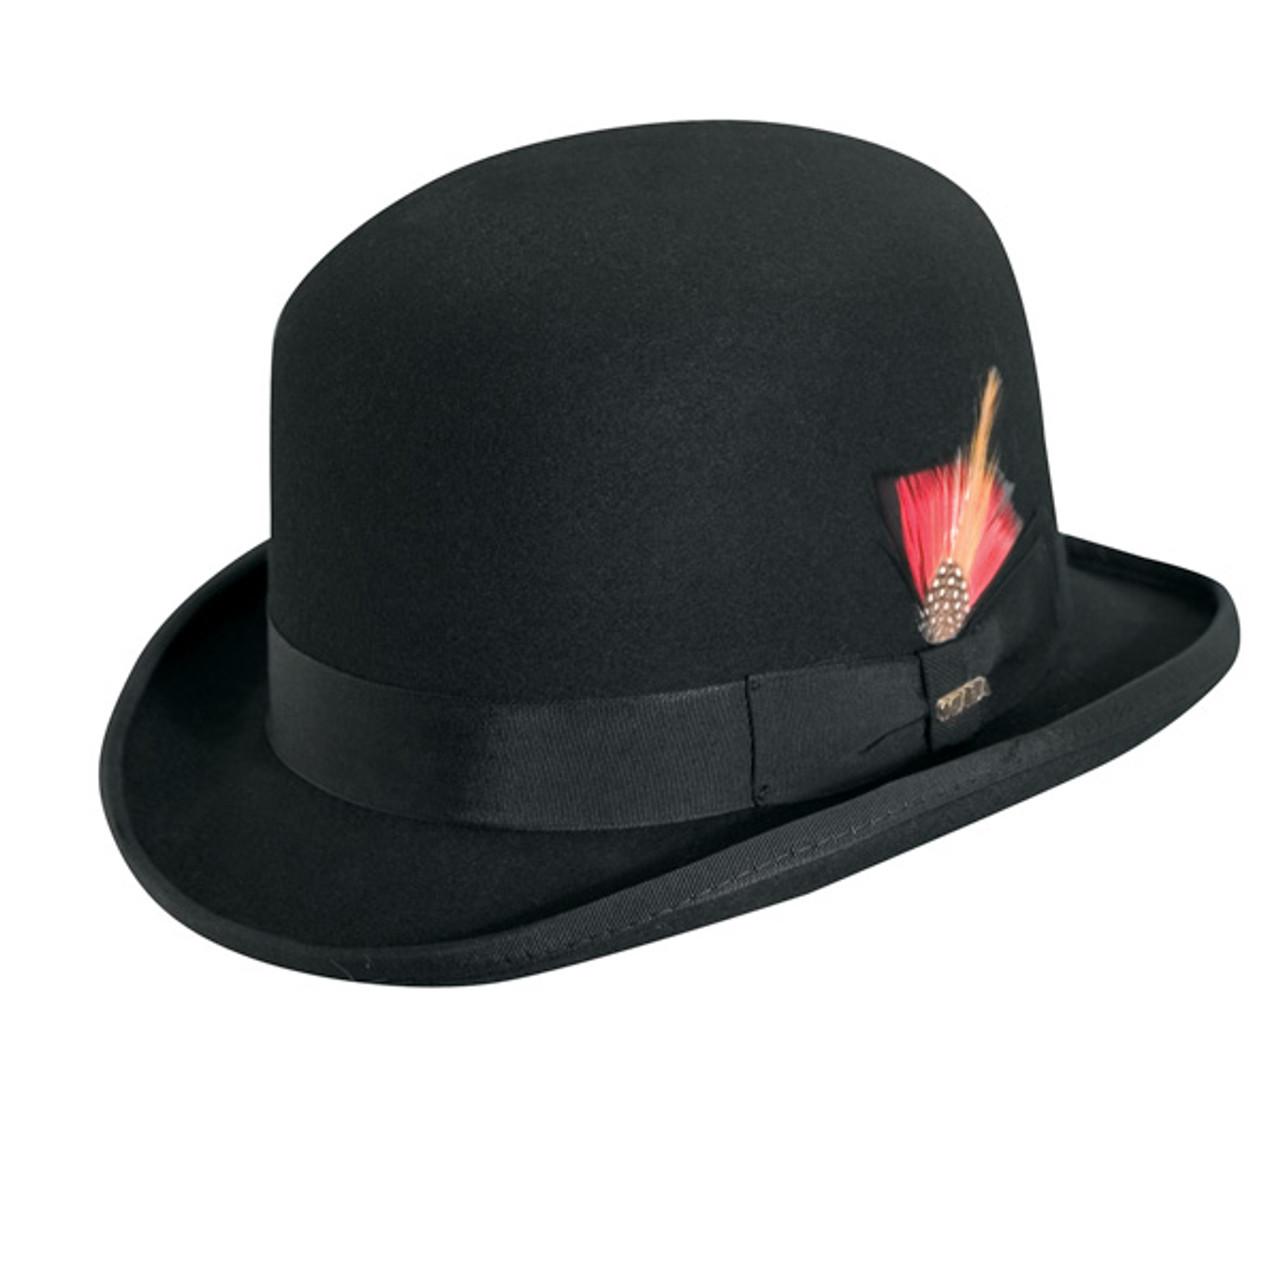 885c89f38 Scala - Derby Wool Felt Hat